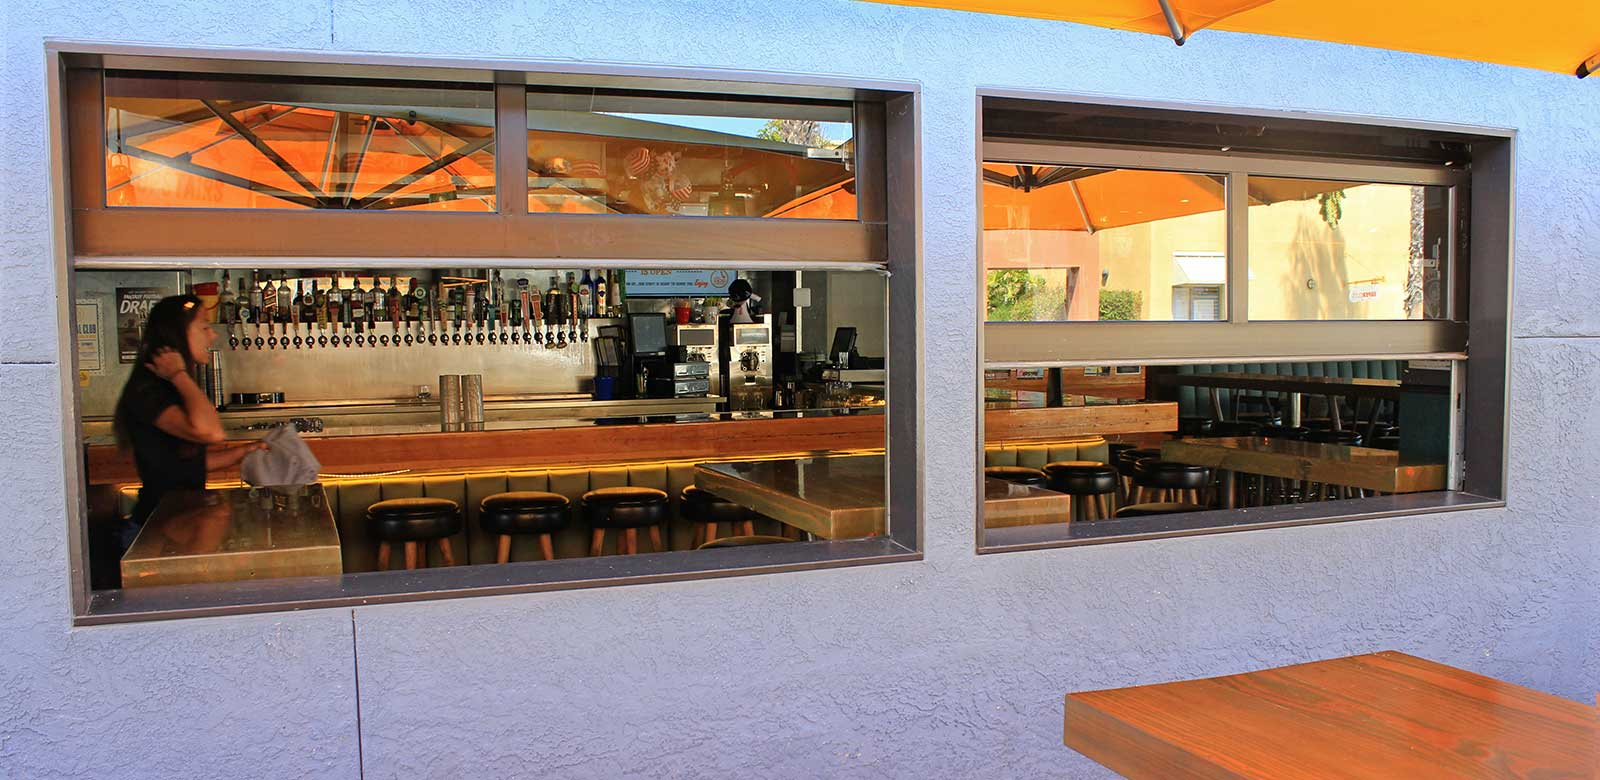 Bar \u0026 Restaurant Doors & Bar \u0026 Restaurant Doors | Garage Doors Unlimited | GDU Garage Doors